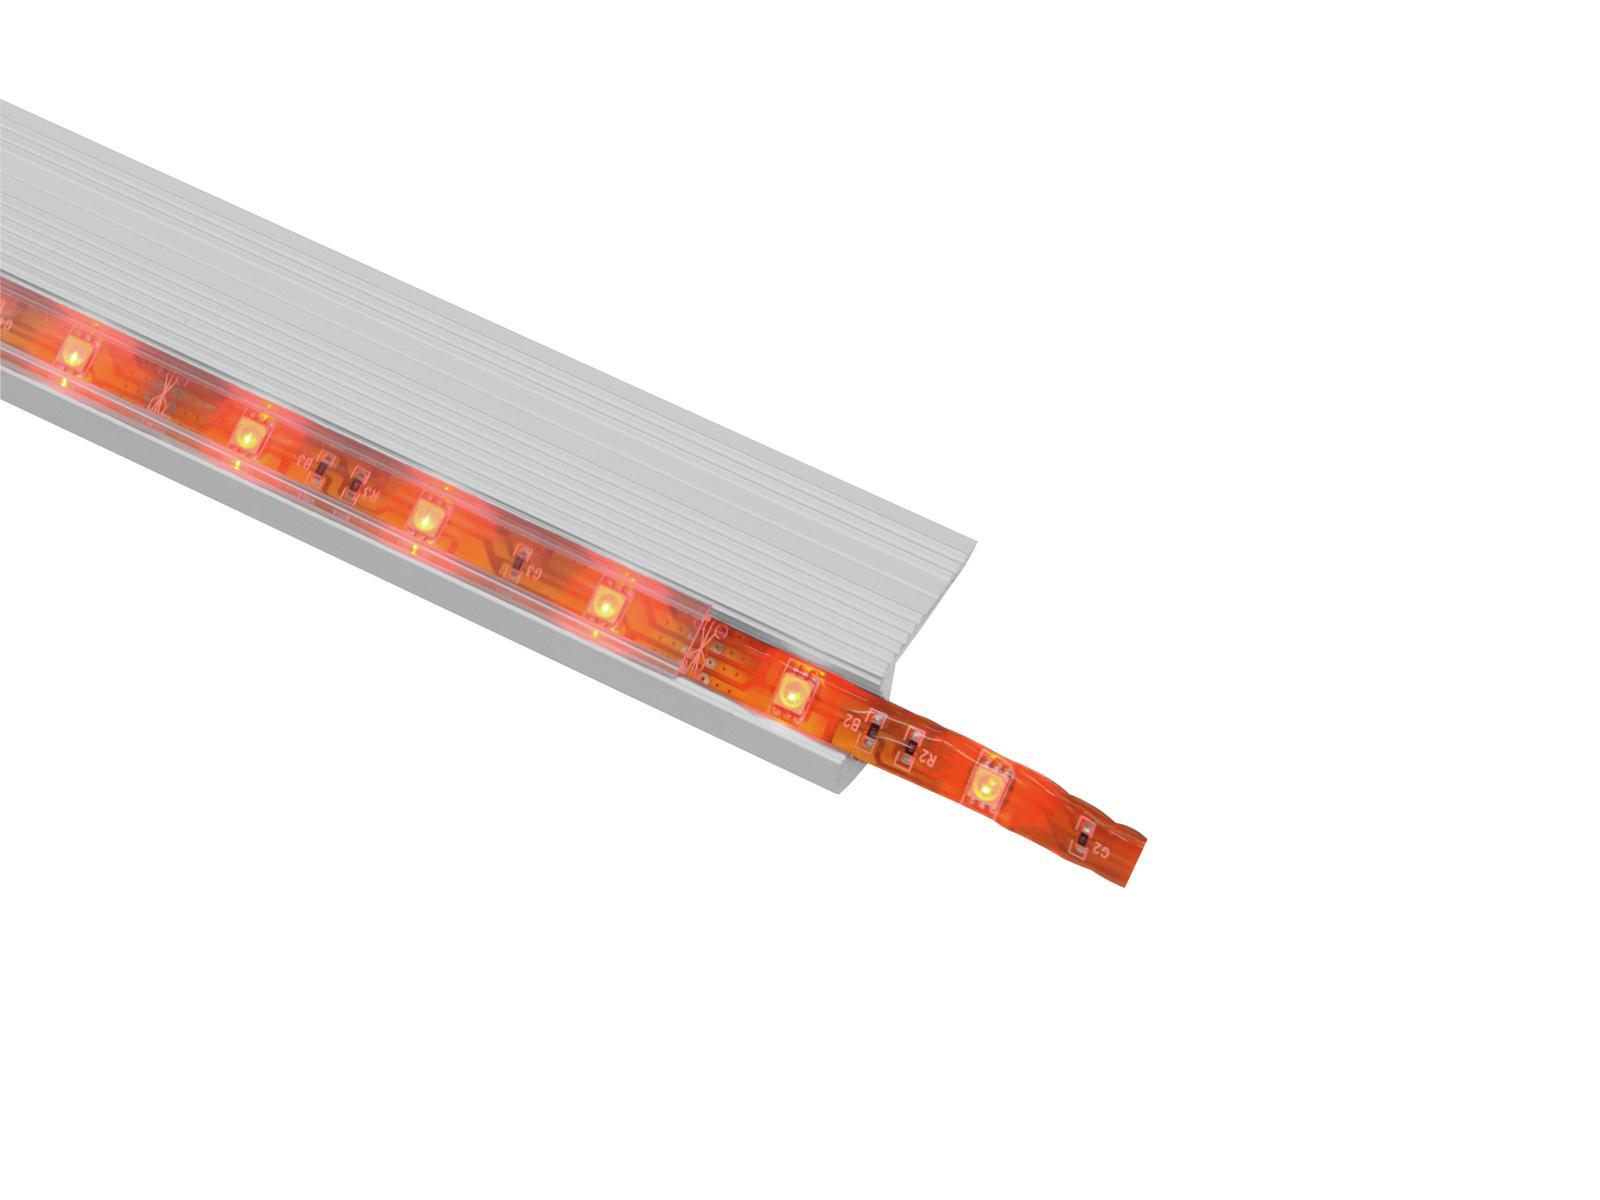 EUROLITE di Copertura per la striscia del LED profilo chiaro 2m